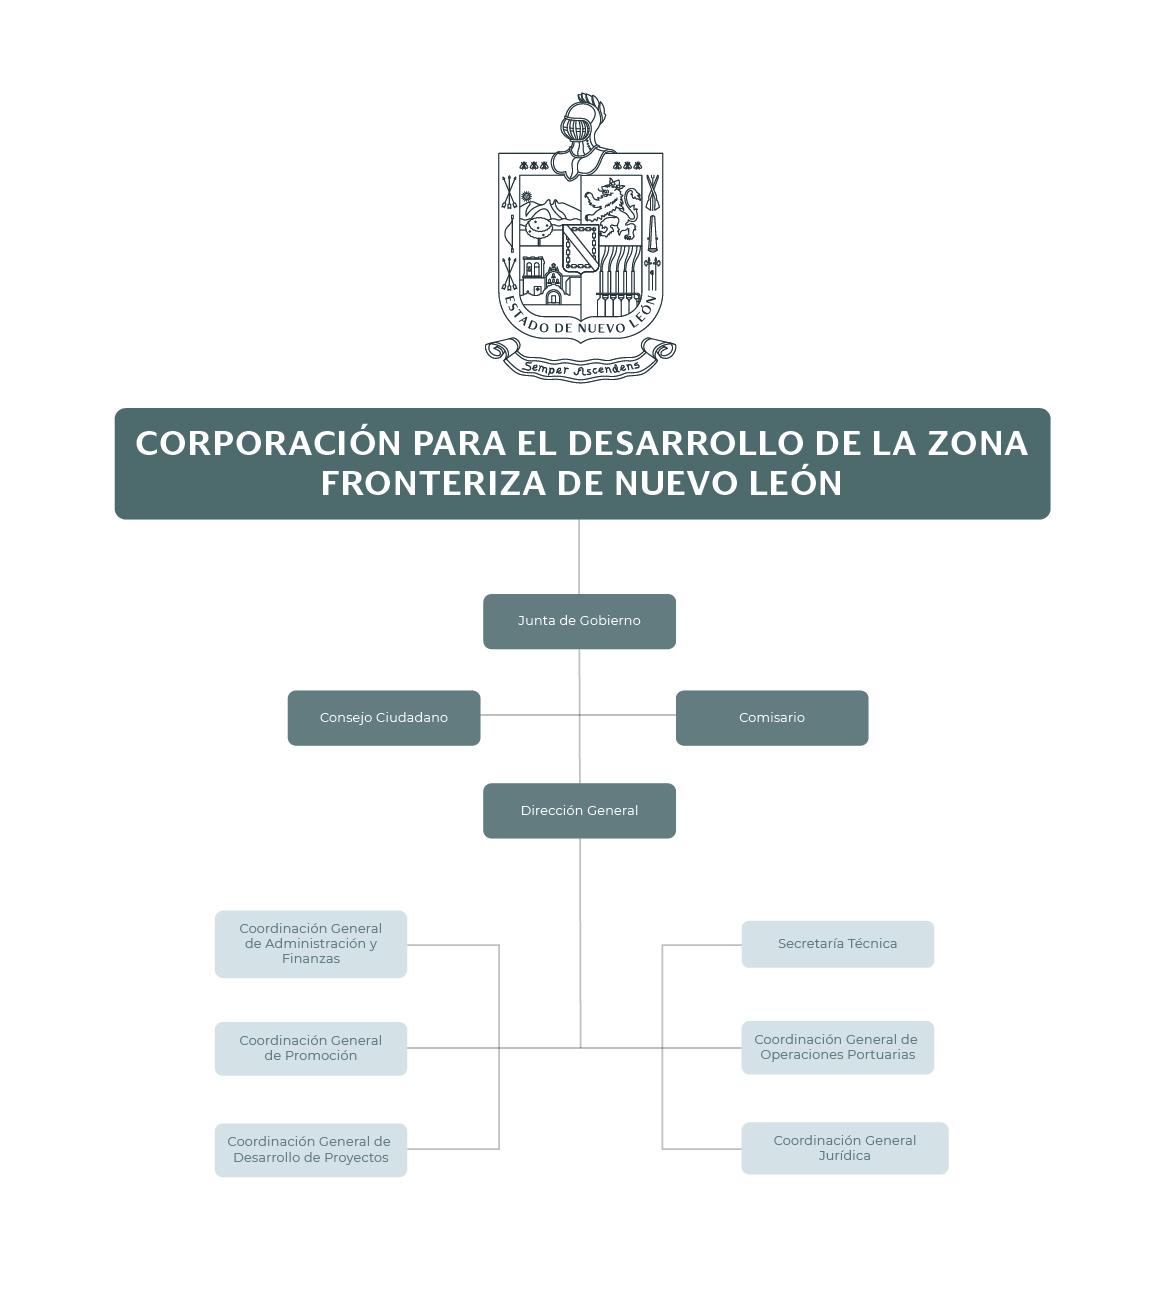 Organigrama de la Corporación para el Desarrollo de la Zona Fronteriza de Nuevo León